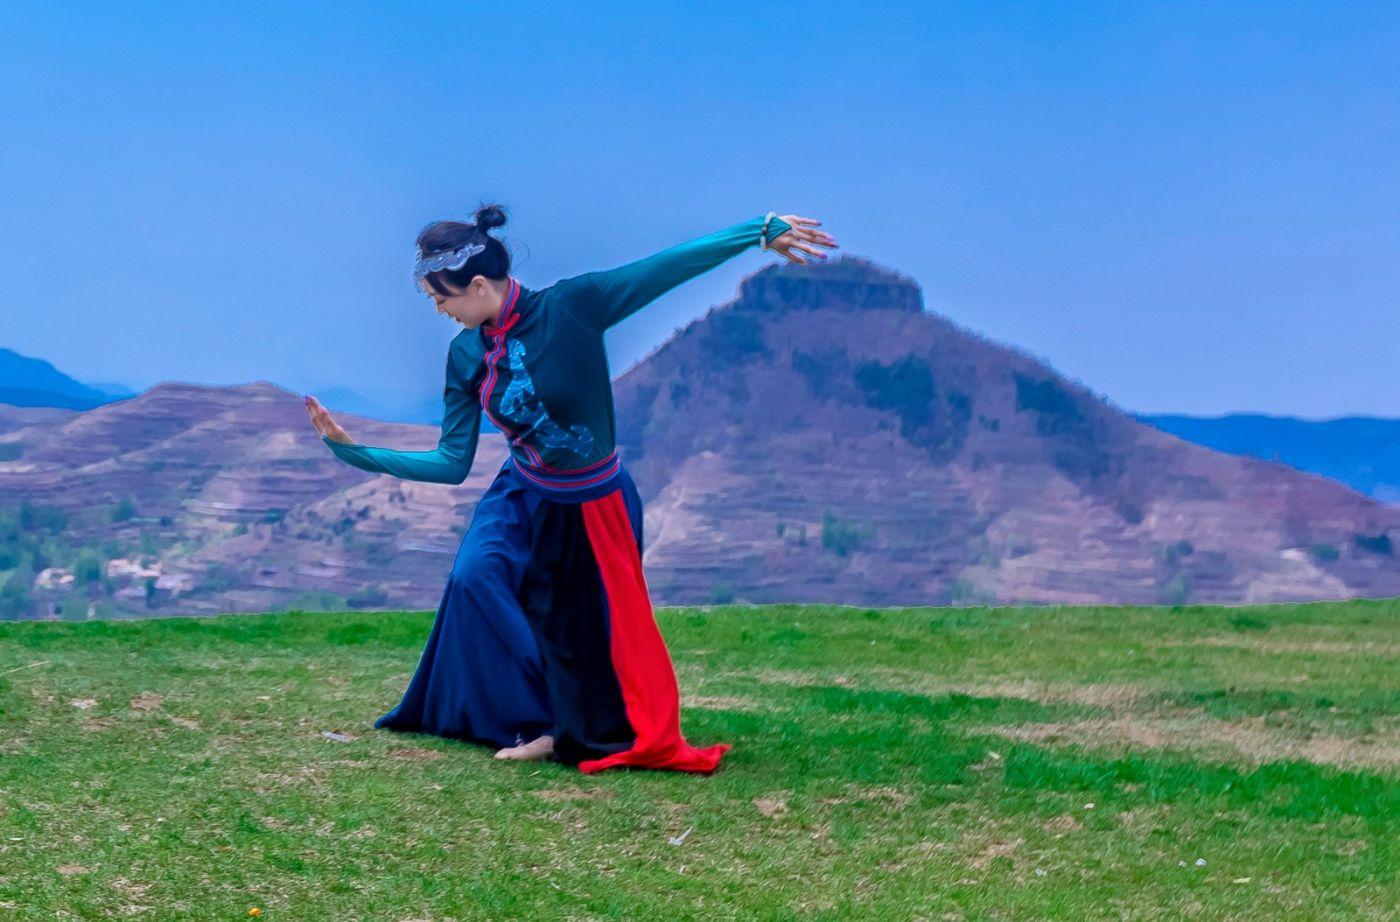 崮上草原有位女孩在翩翩起舞 她要和你邂逅在崮上花开的季节 ..._图1-13